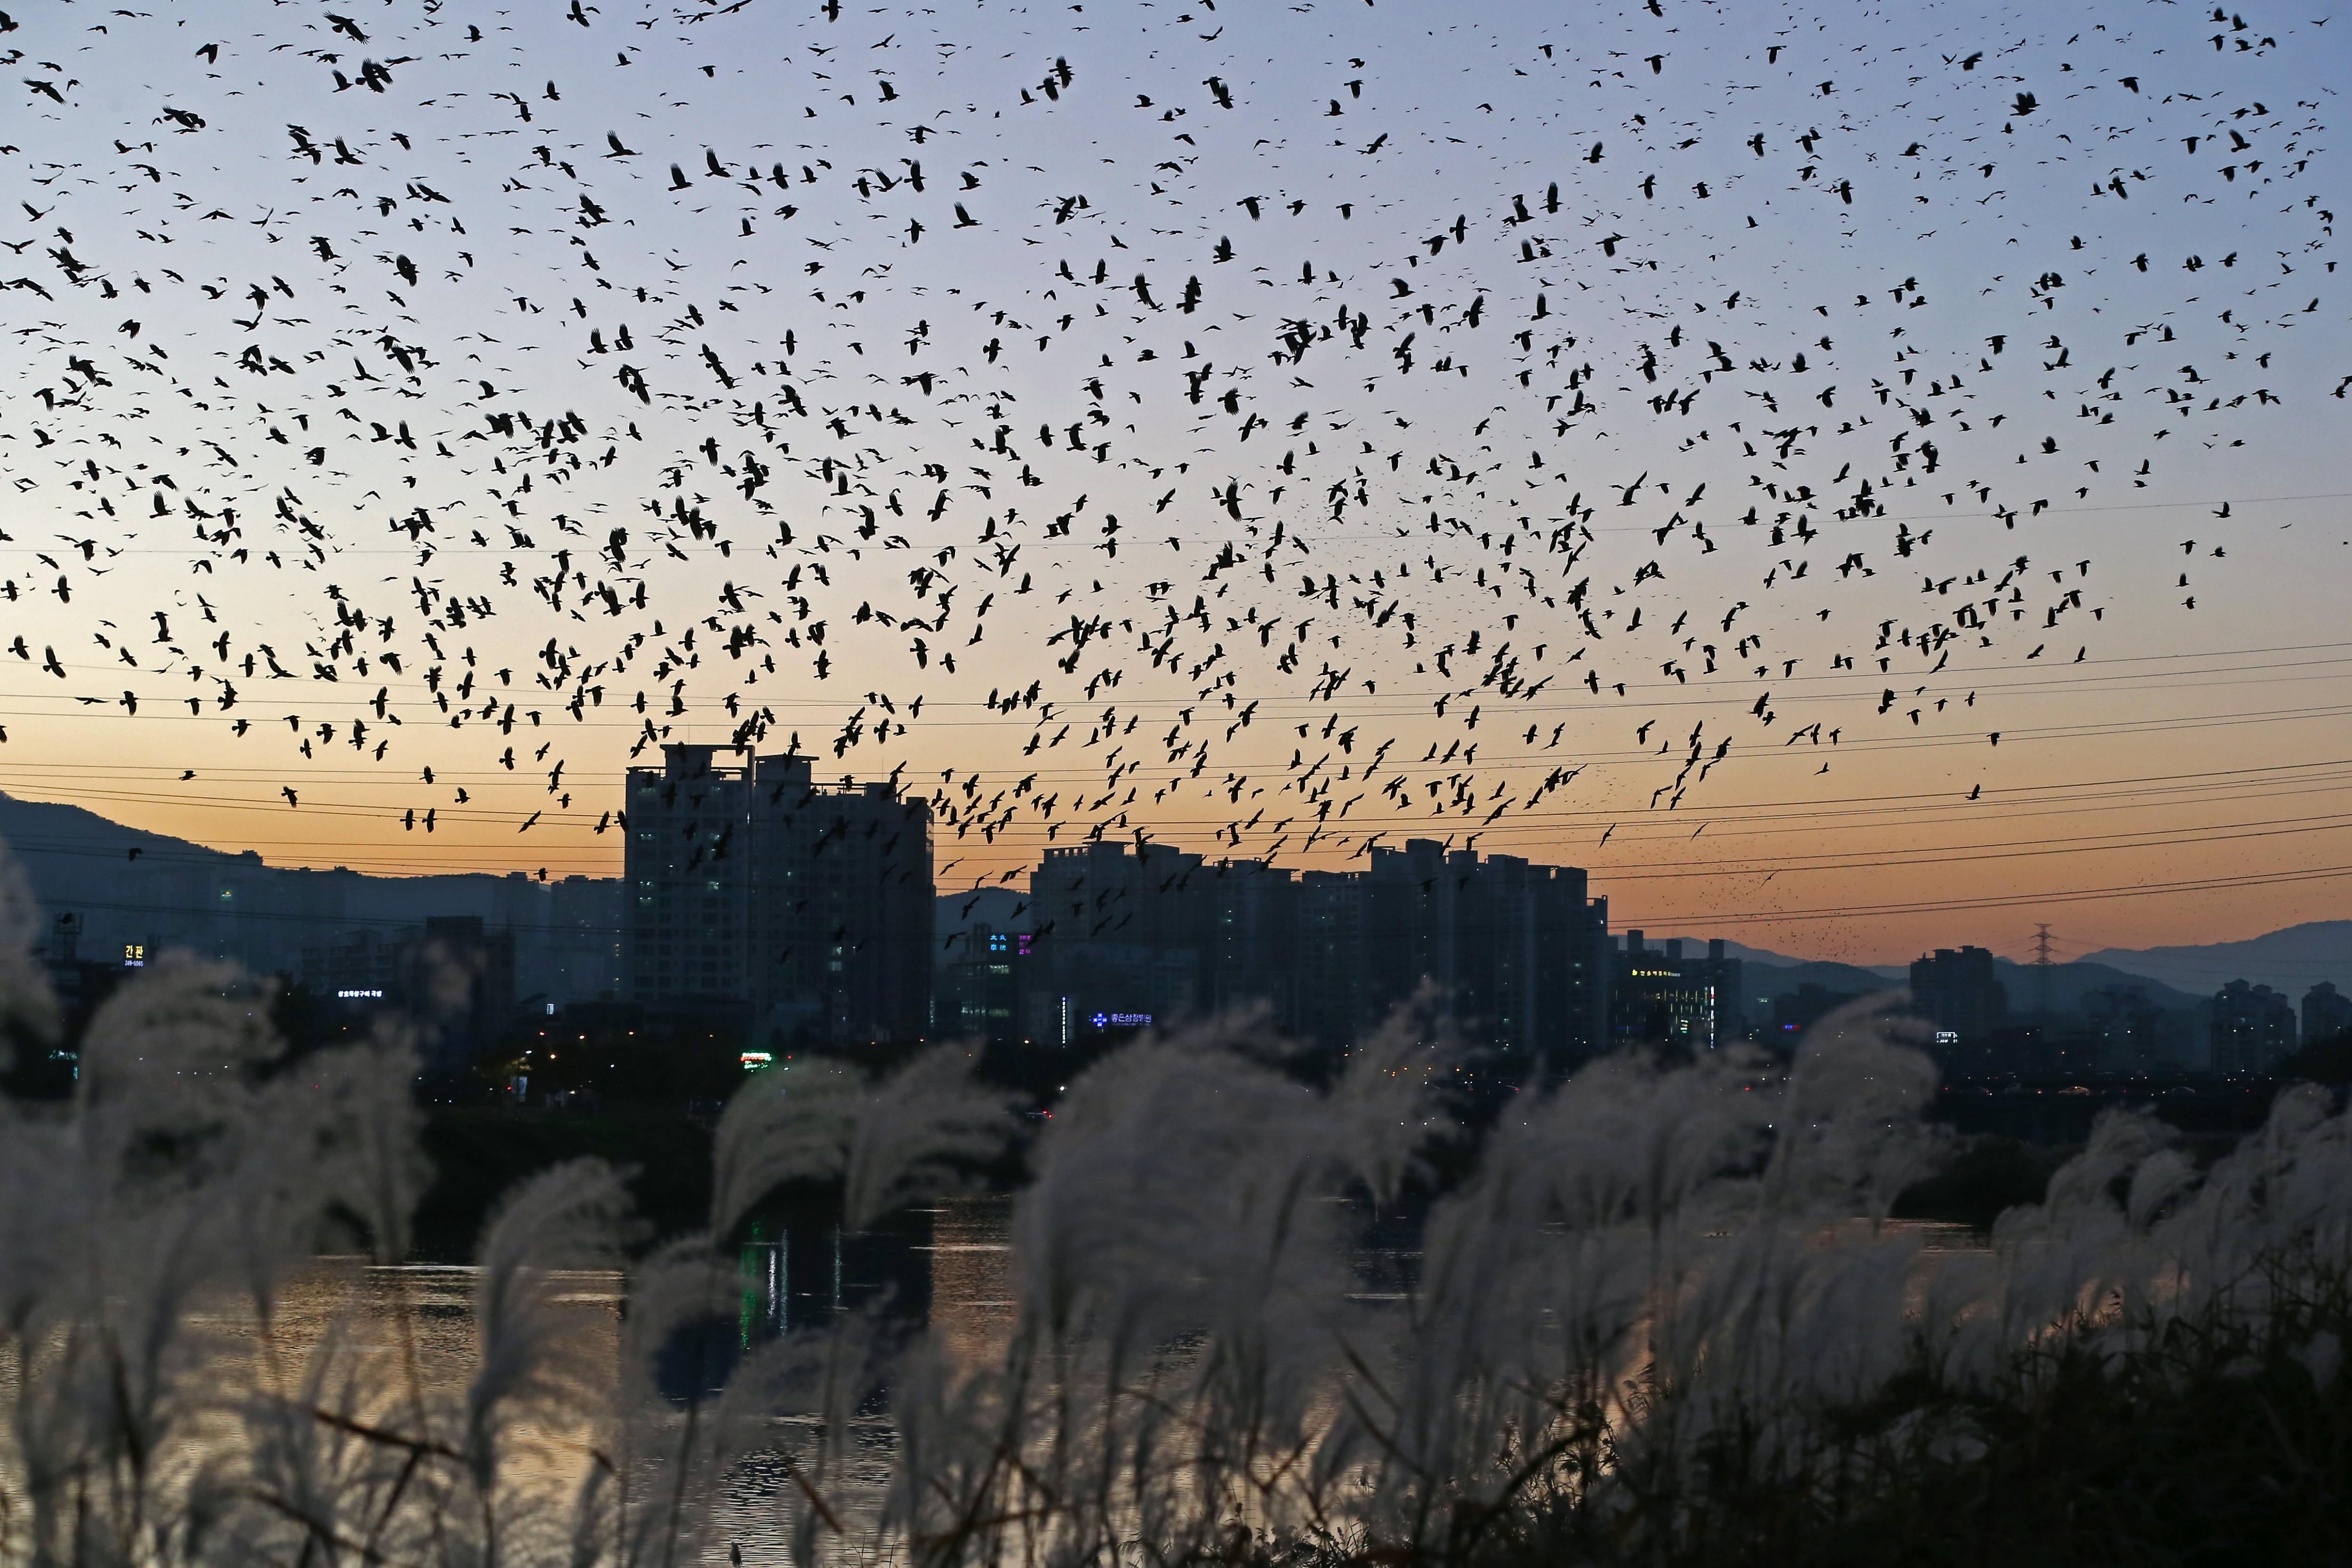 Un esbart de corbs sobrevola el riu Taehwa, a Corea del Sud. /YONHAP